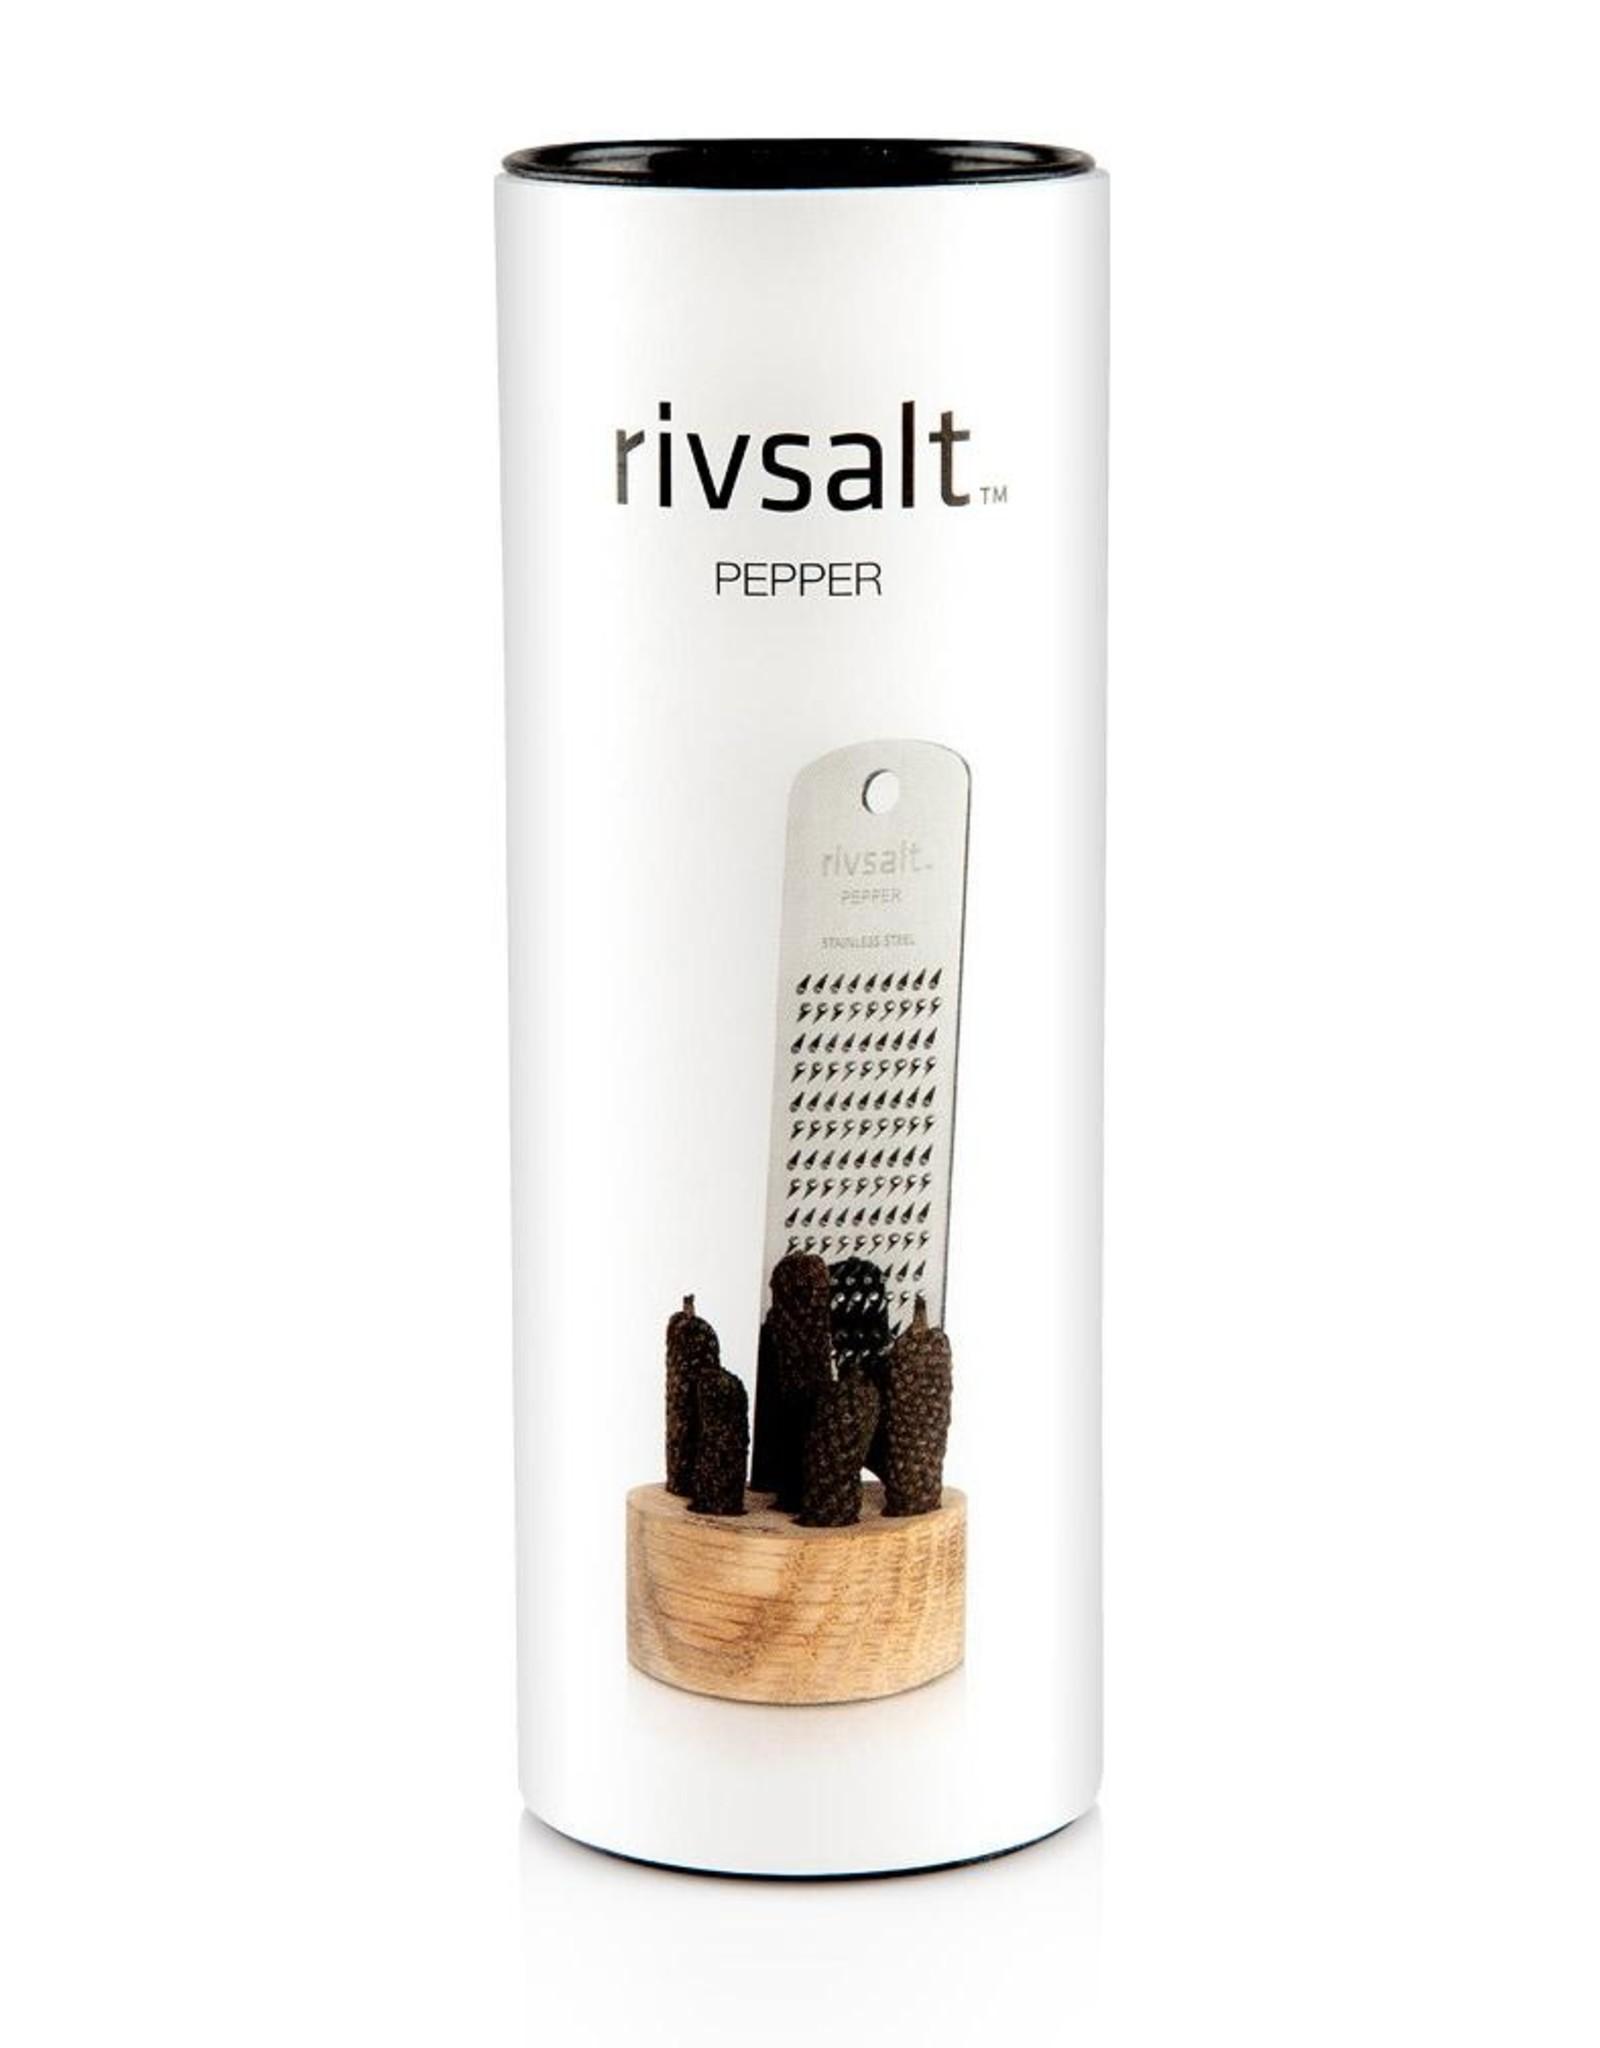 RIVSALT Java Long Bean Pepper Gift Set